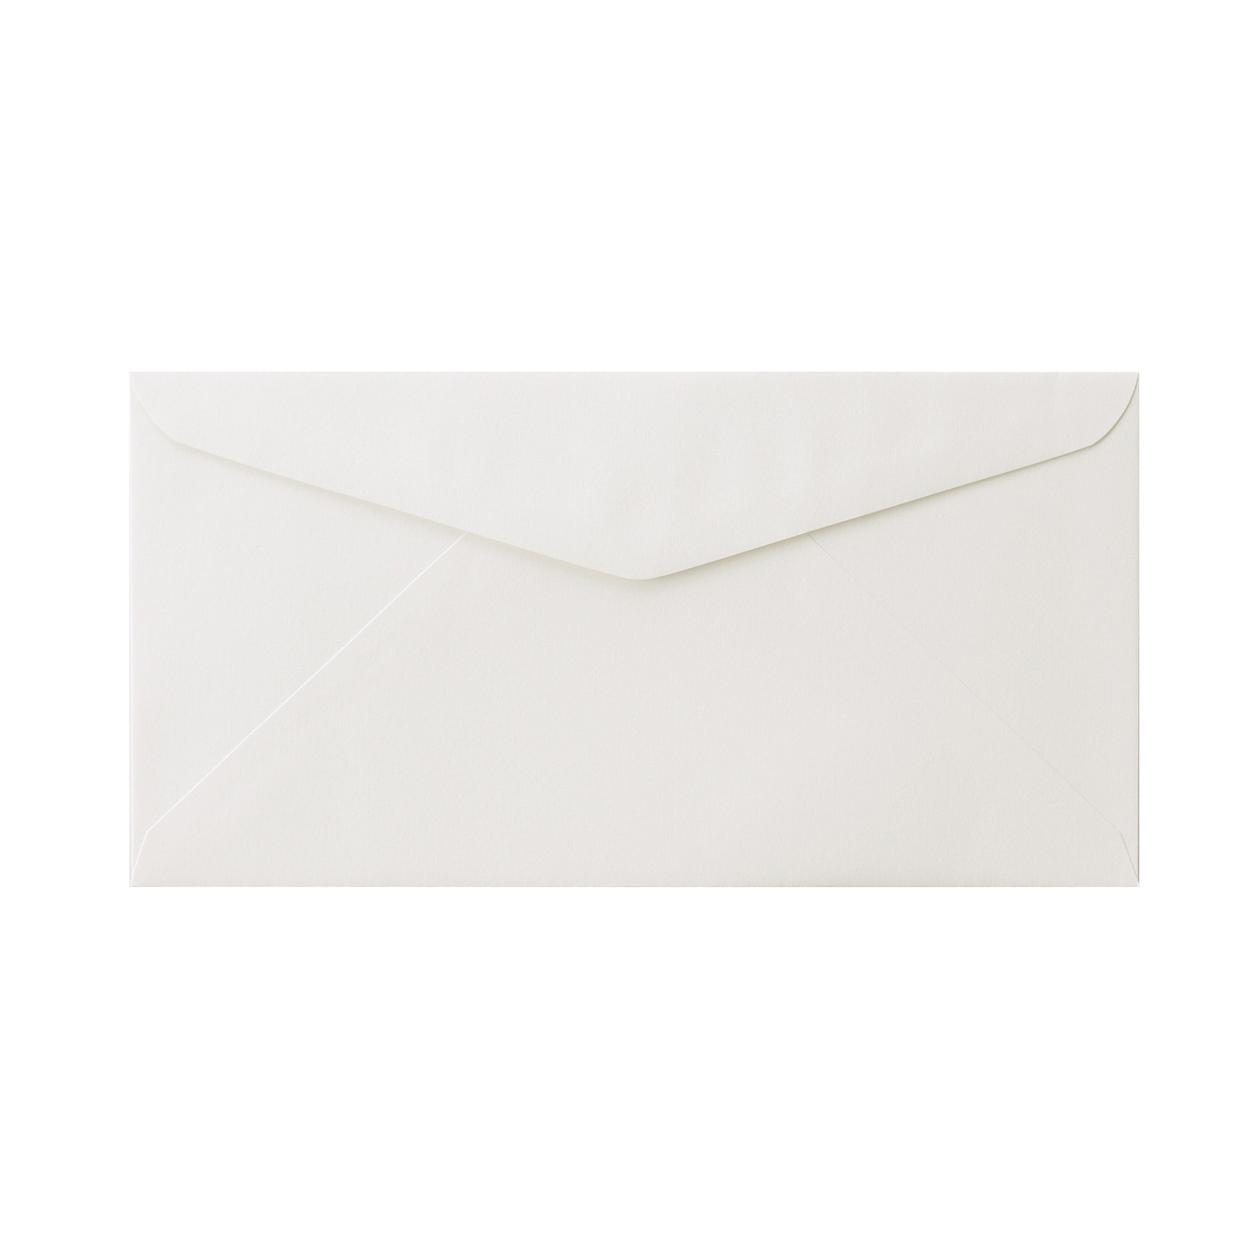 長3ダイア封筒 コットン スノーホワイト 116.3g